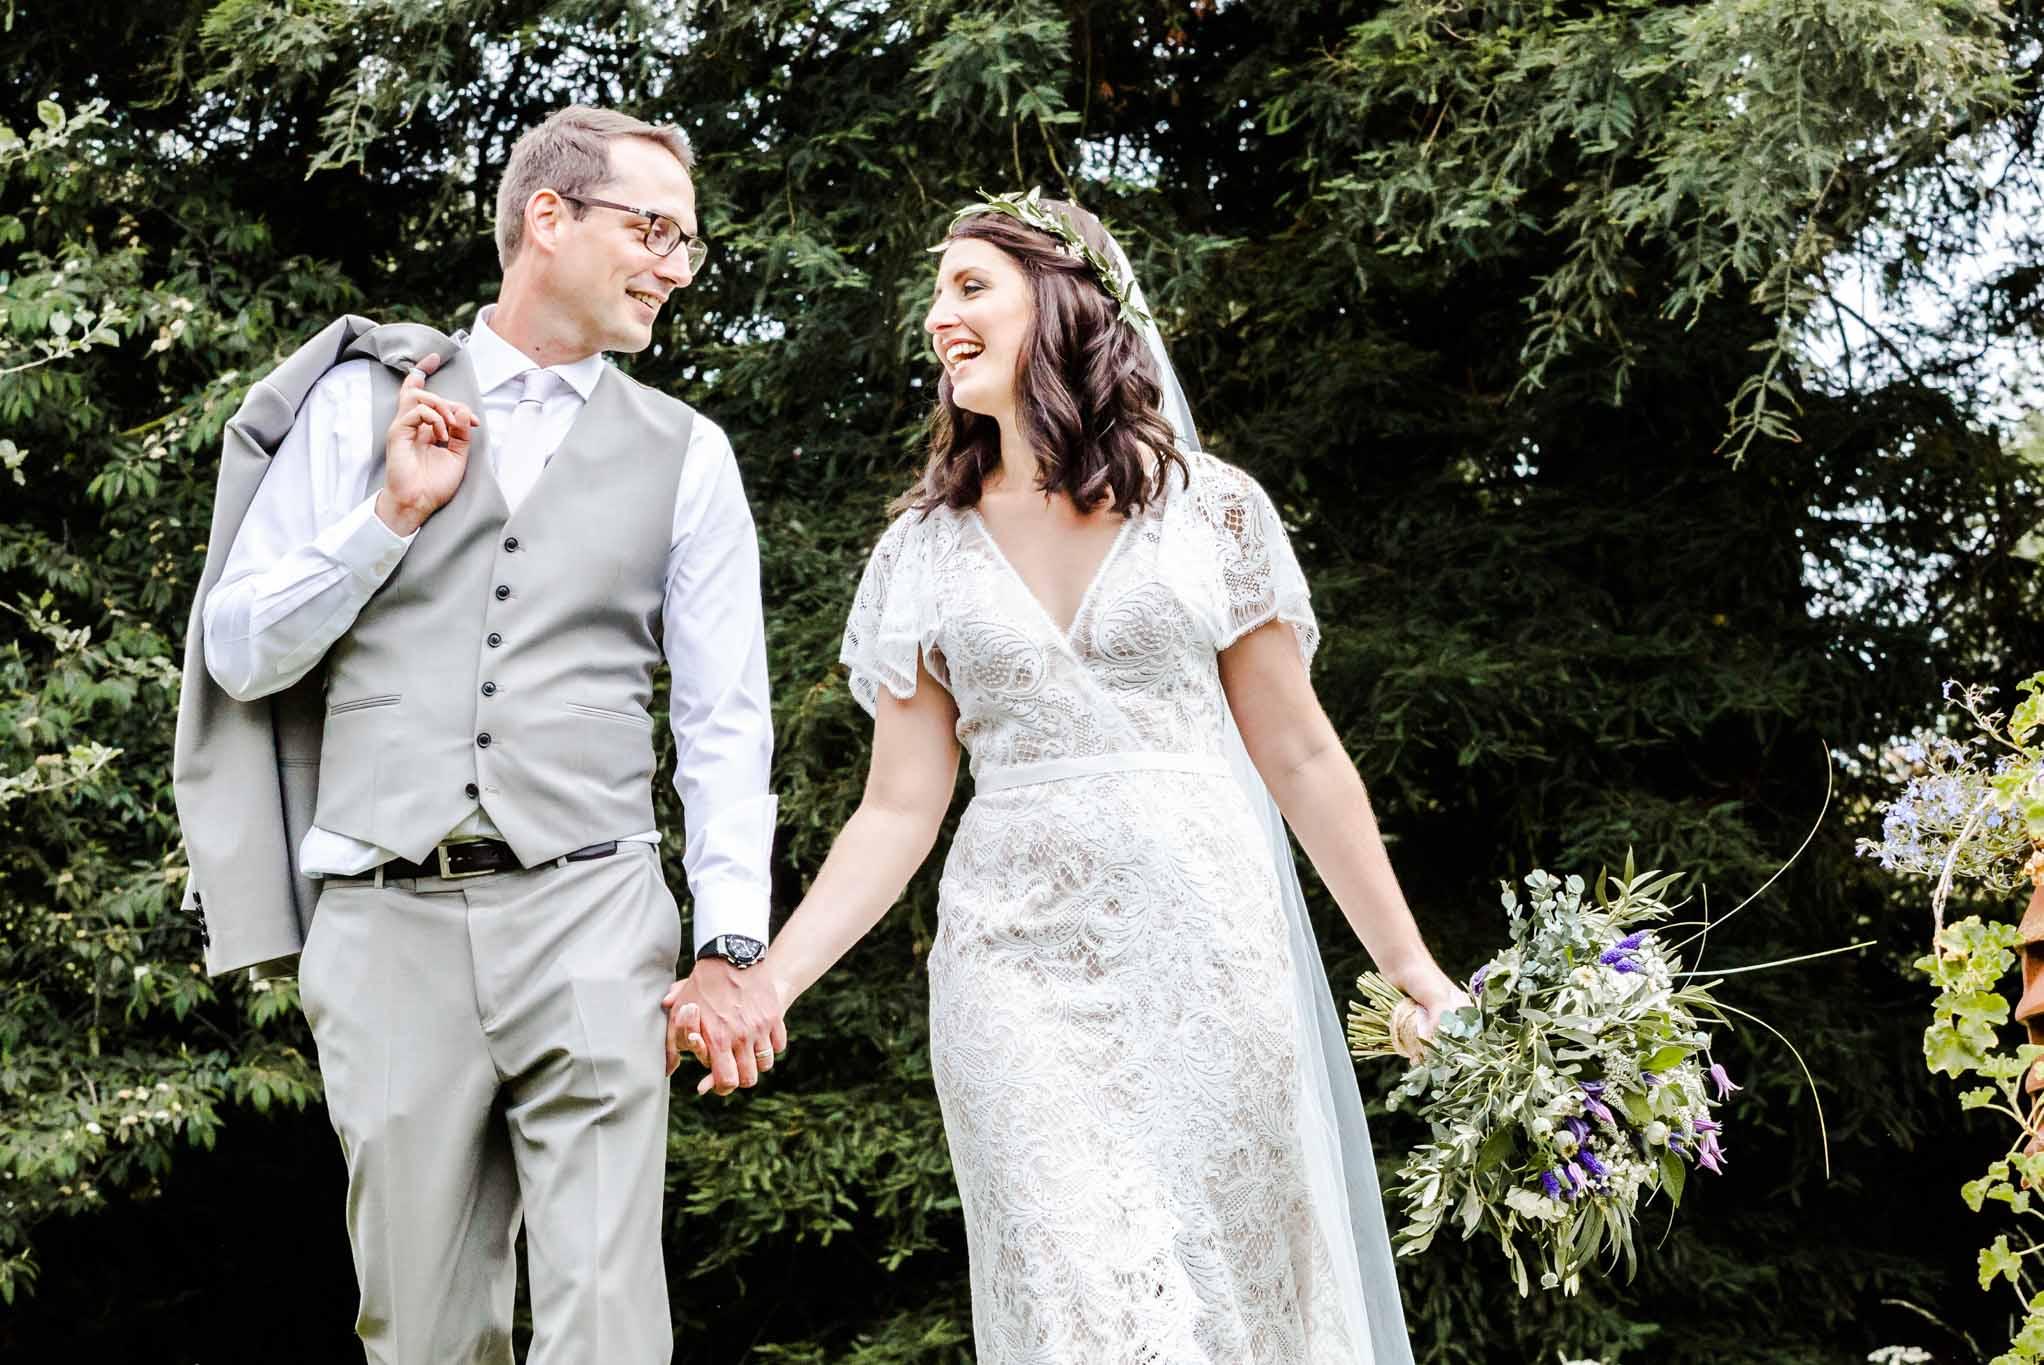 bride and groom walking hand in hand in a garden